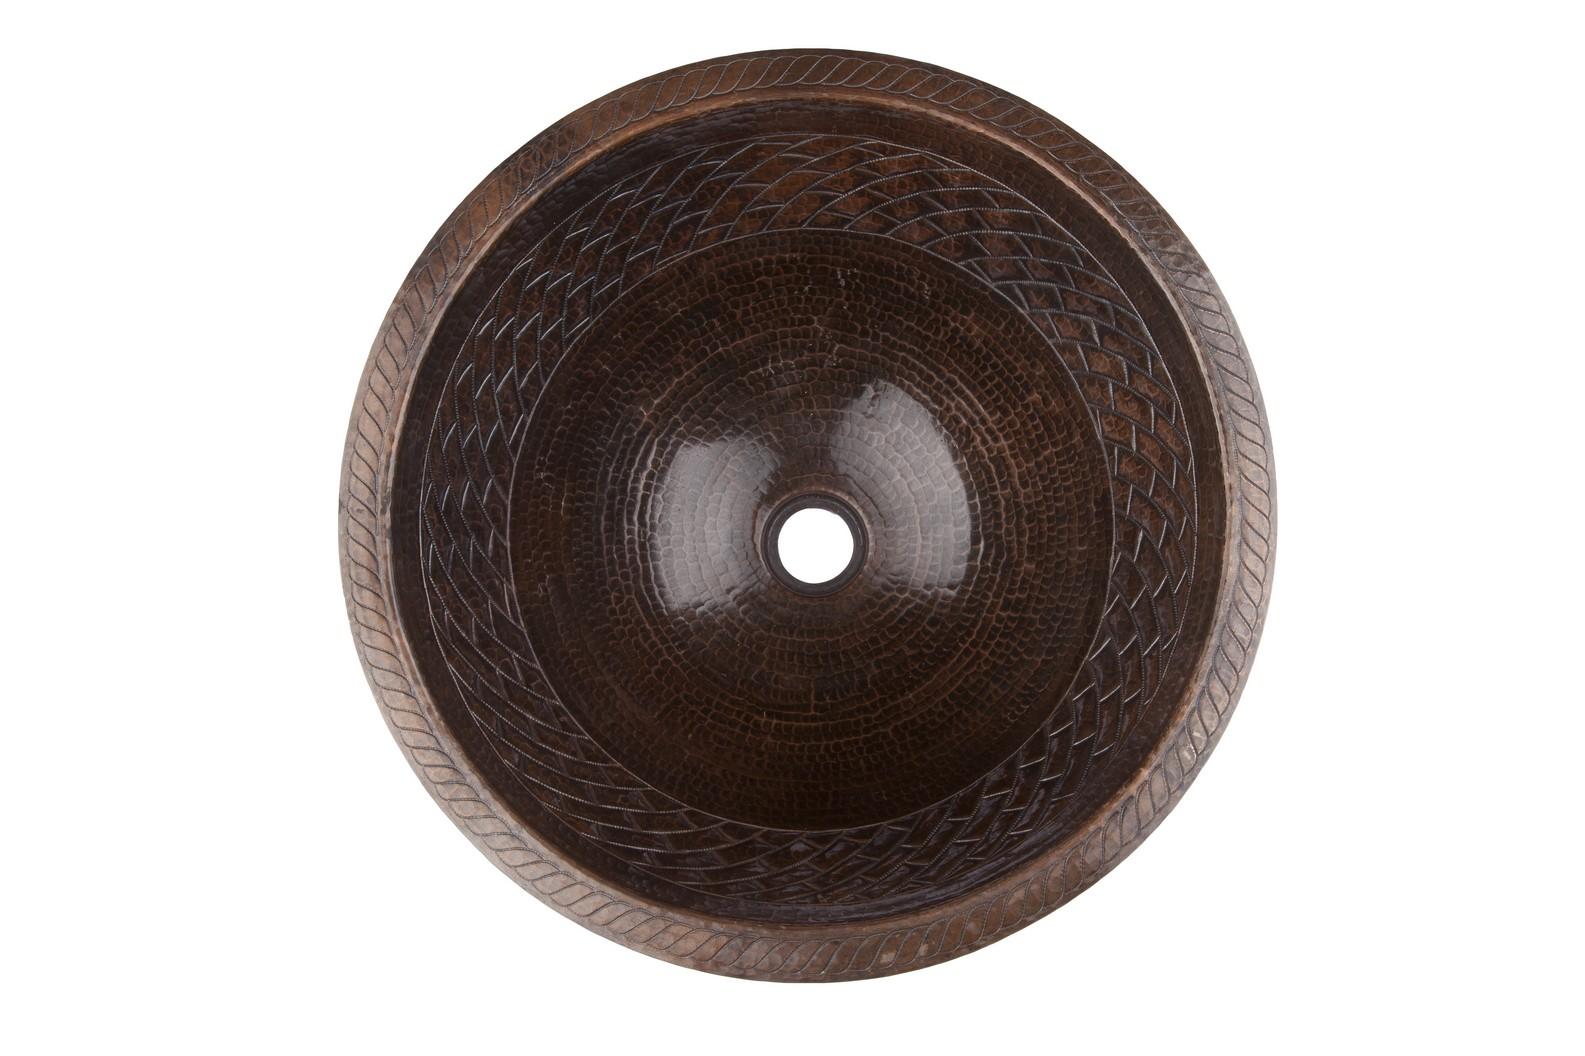 Handgemachte Waschbecken aus Kupfer